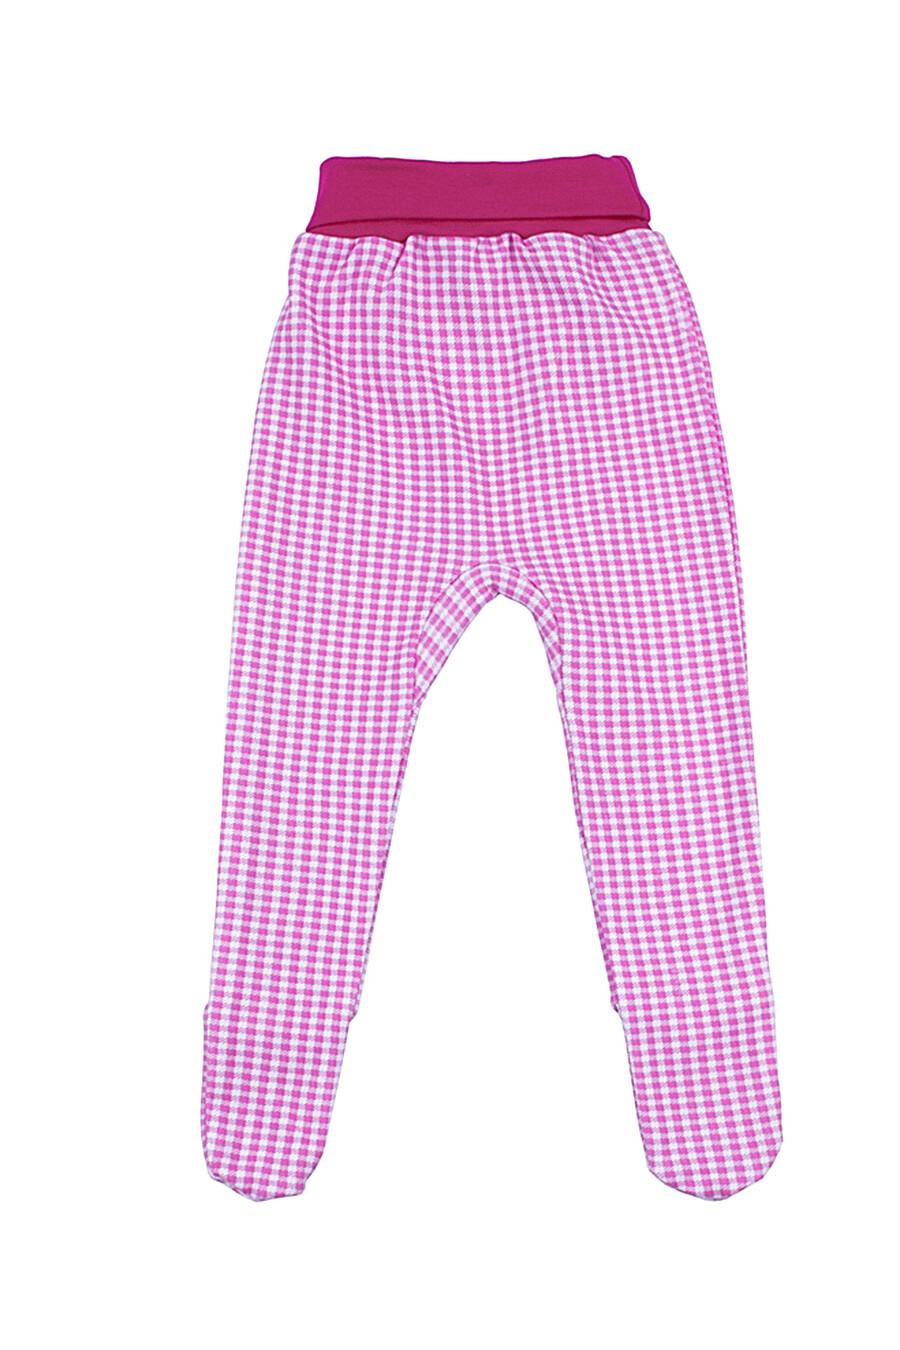 Ползунки для девочек АПРЕЛЬ 699936 купить оптом от производителя. Совместная покупка детской одежды в OptMoyo